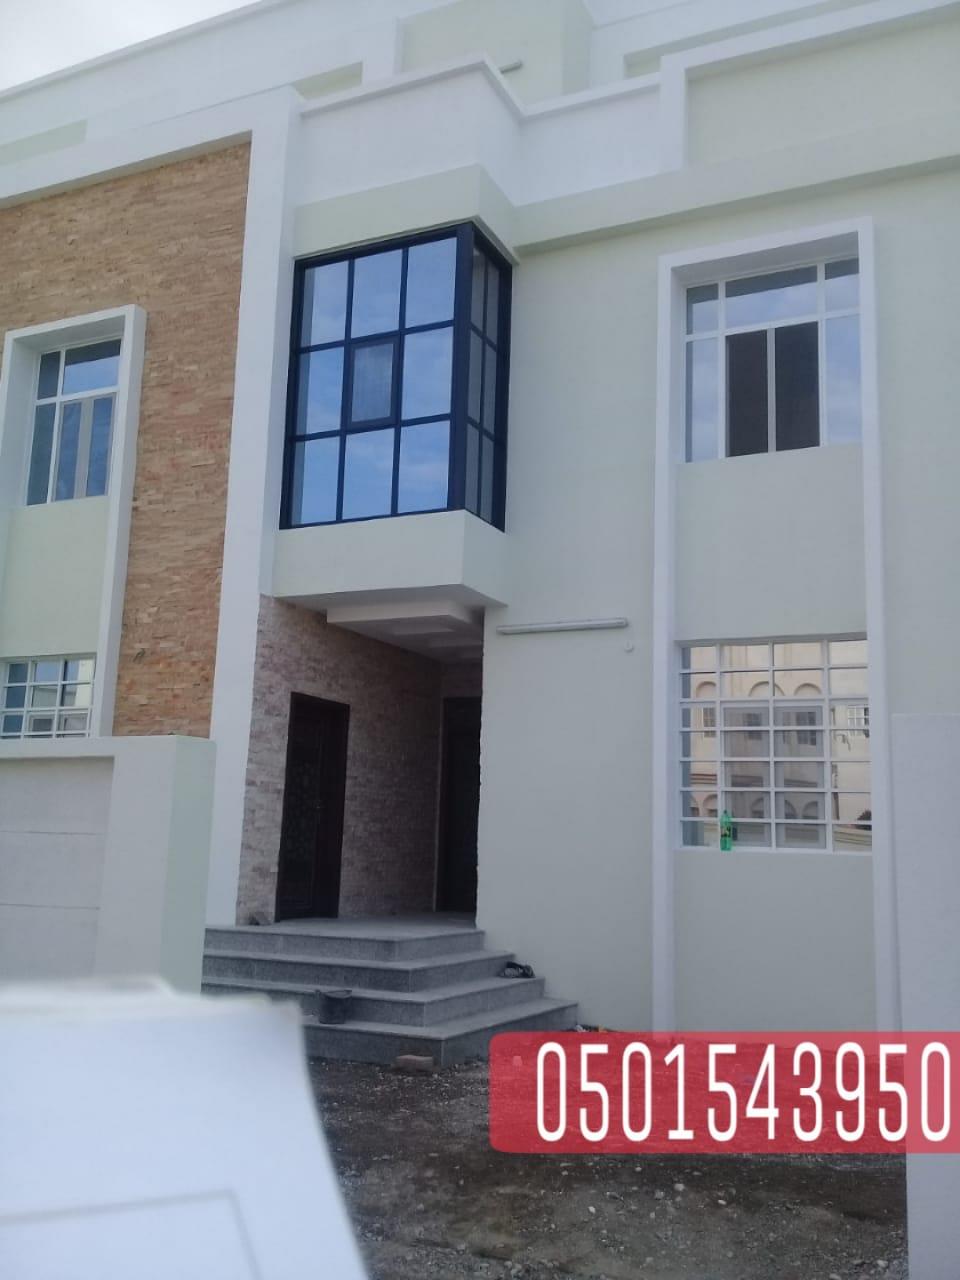 ورشة تركيب نوافذ شتر المنيوم , صيانة نوافذ في جدة , 0501543950 P_2077m44xn7